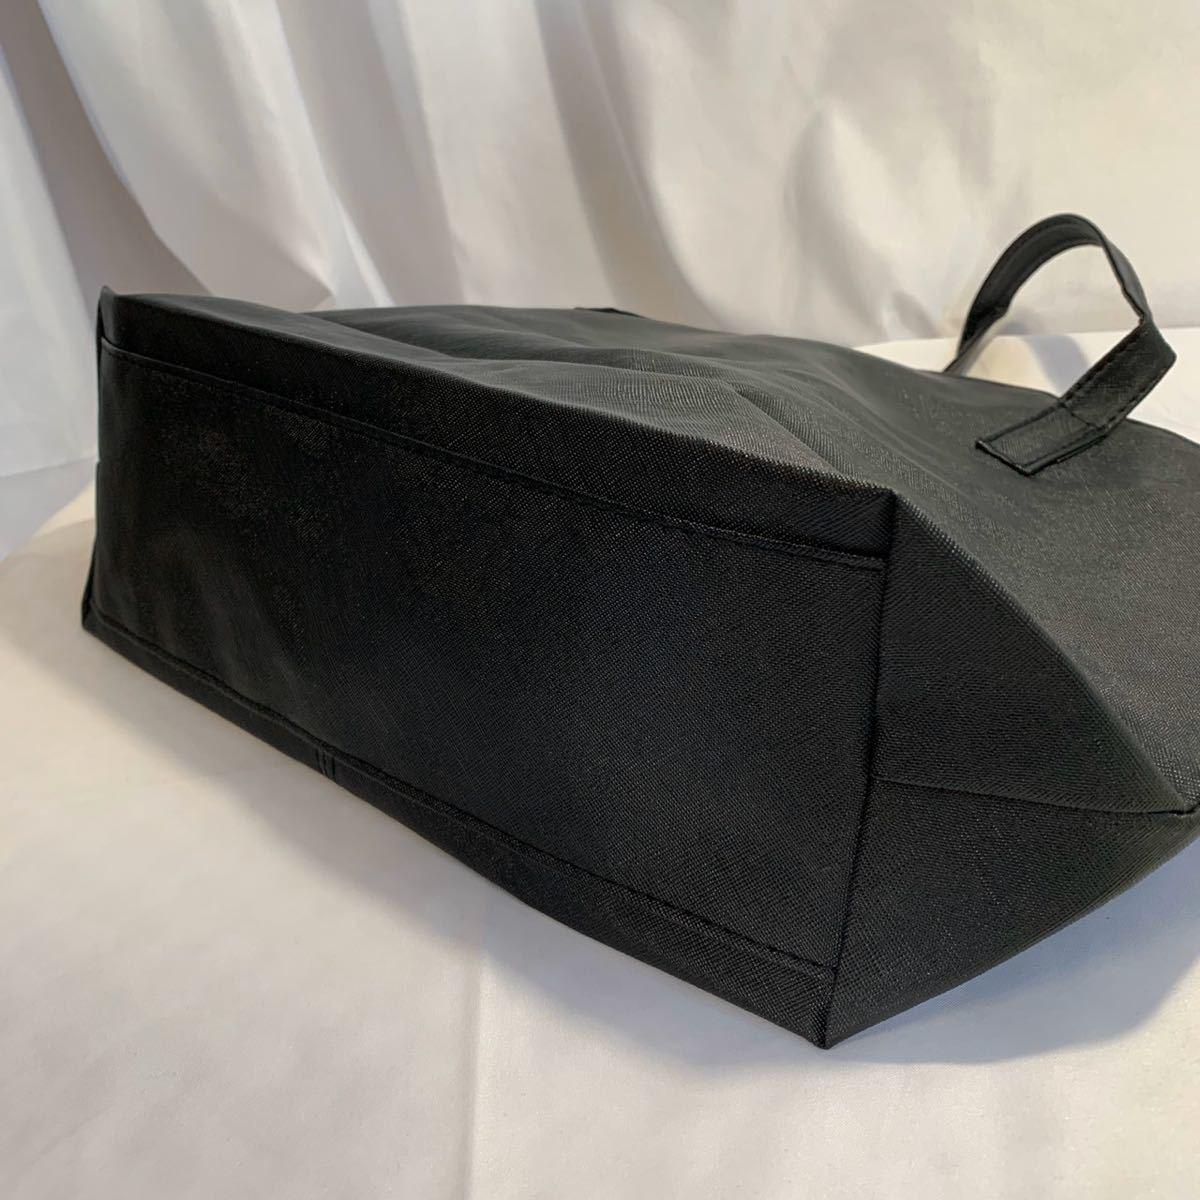 トートバッグ ビジネスバッグ ショルダーバッグ  ハンドバッグ レディース 韓国 メンズ ボディバッグ シンプル 大容量 就活